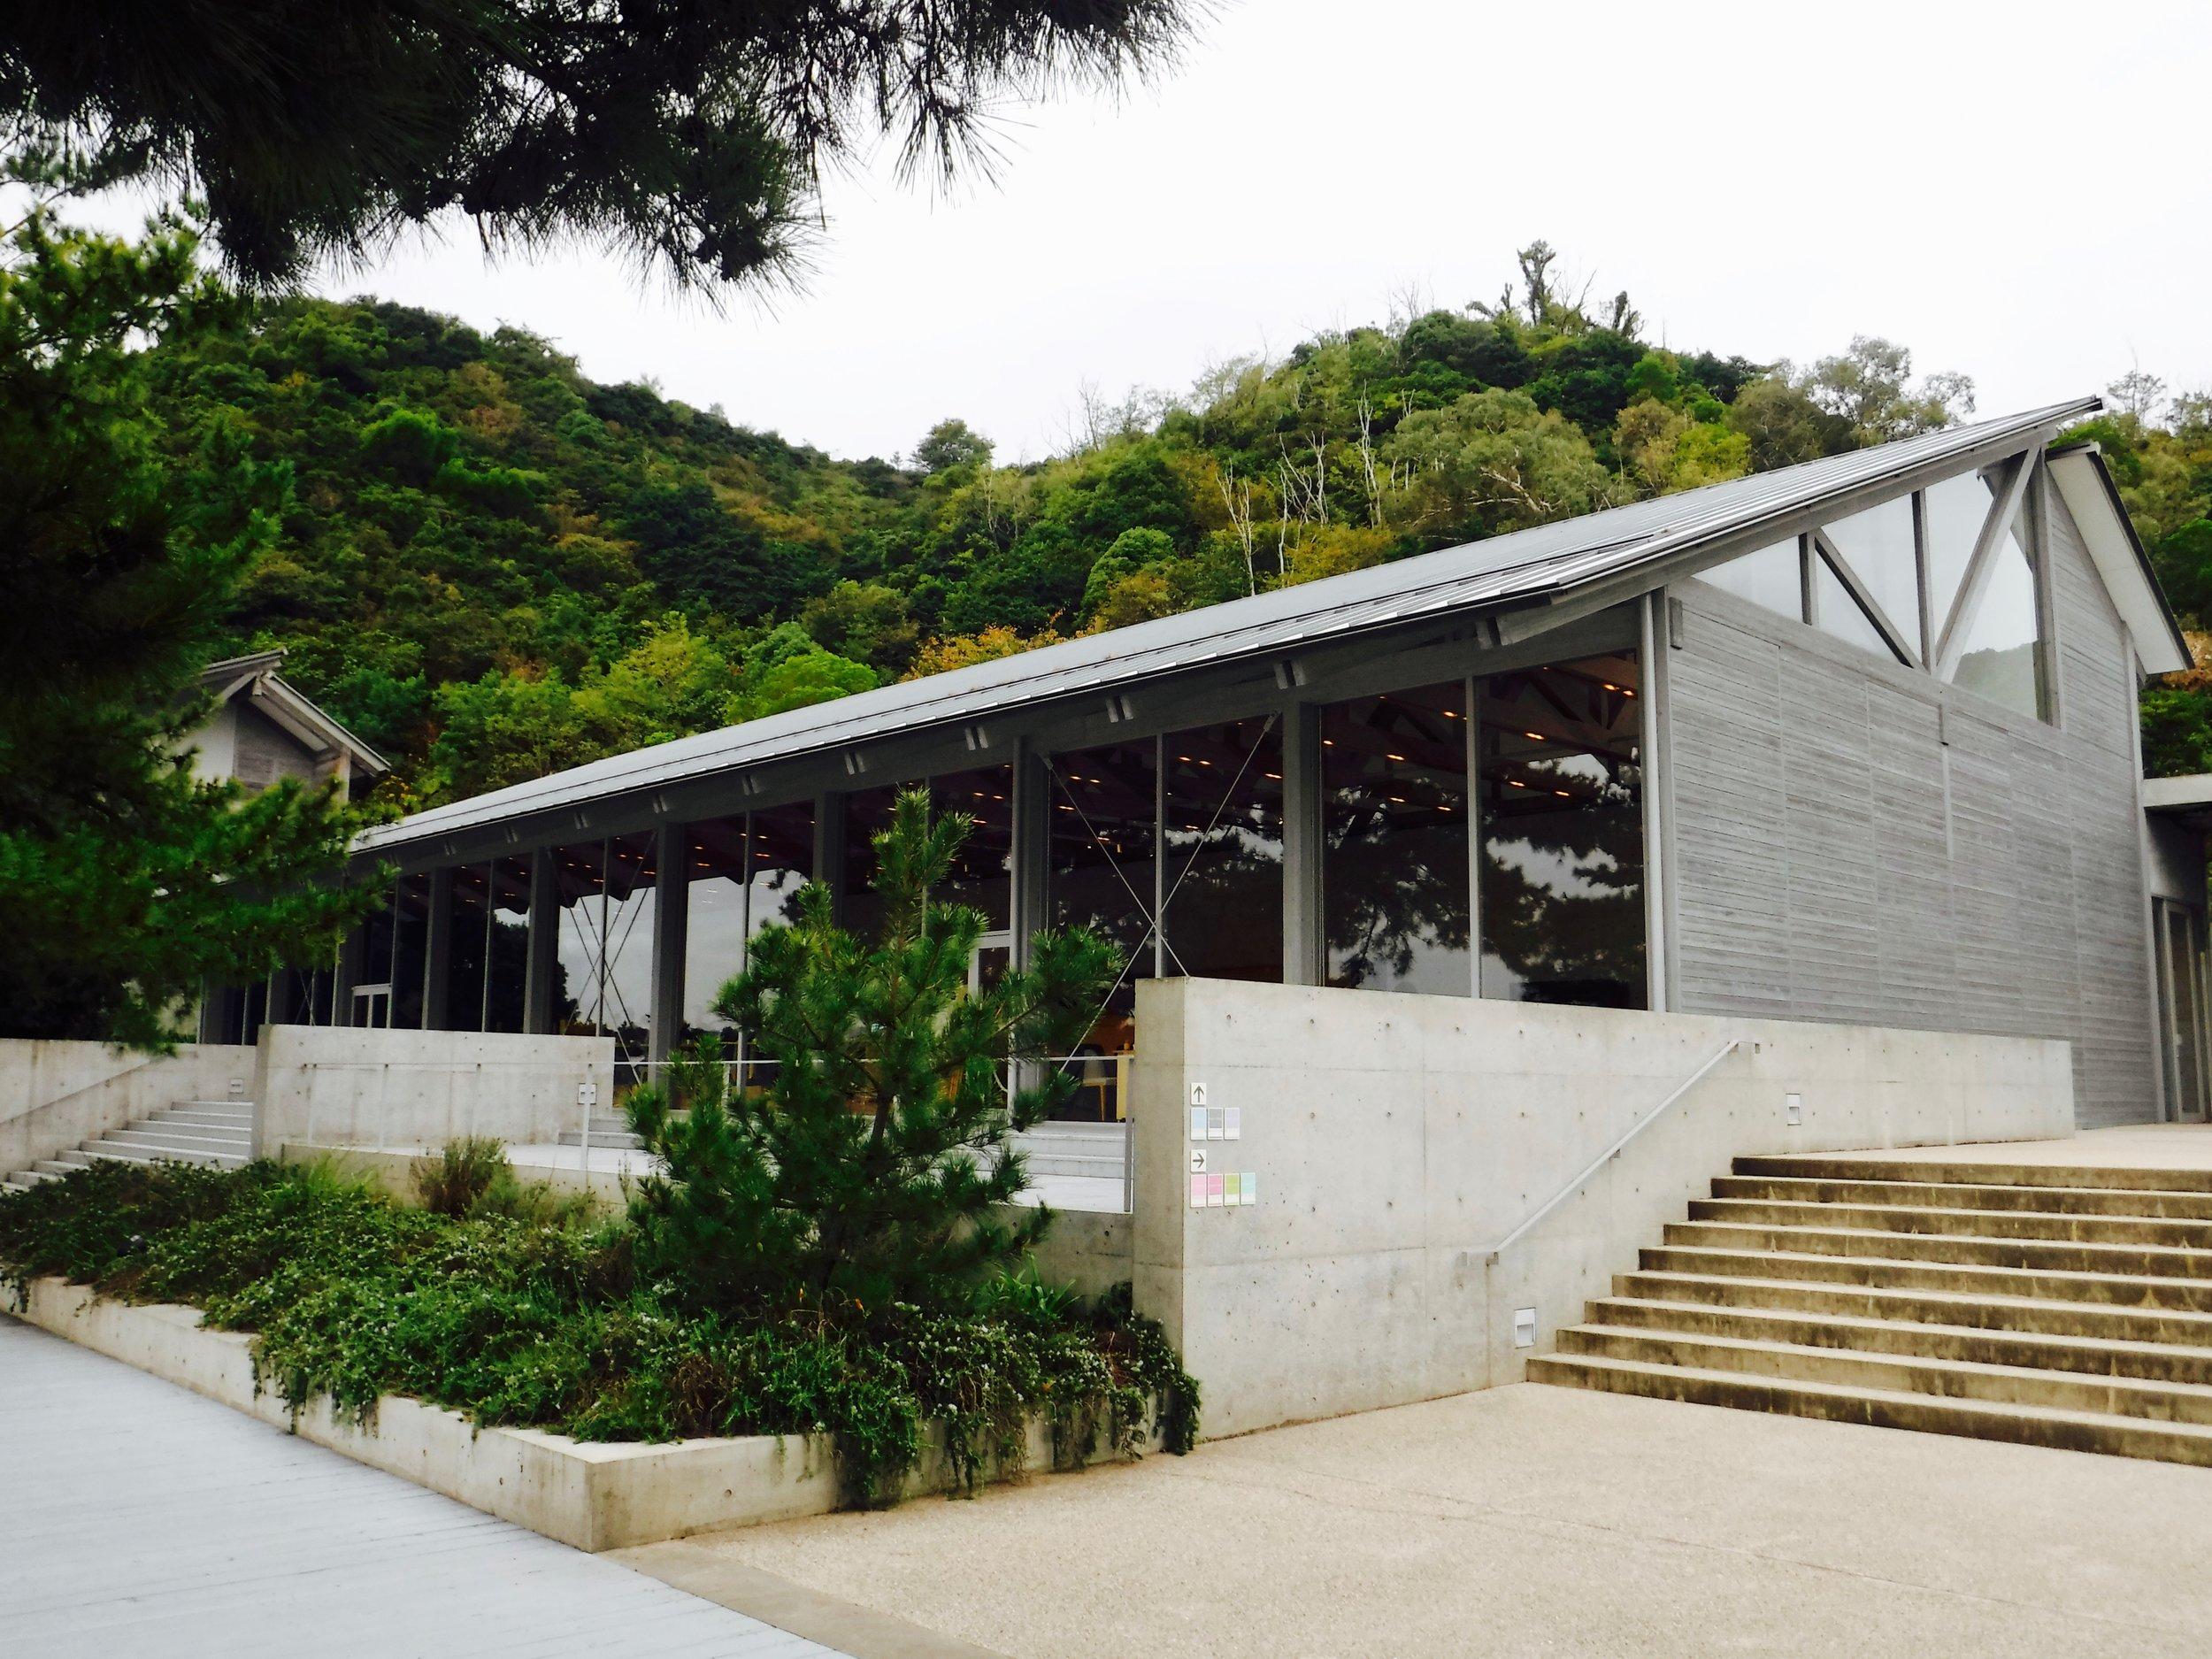 全体的に建物はグレー。日本の気候、景色に馴染むなと思いました。